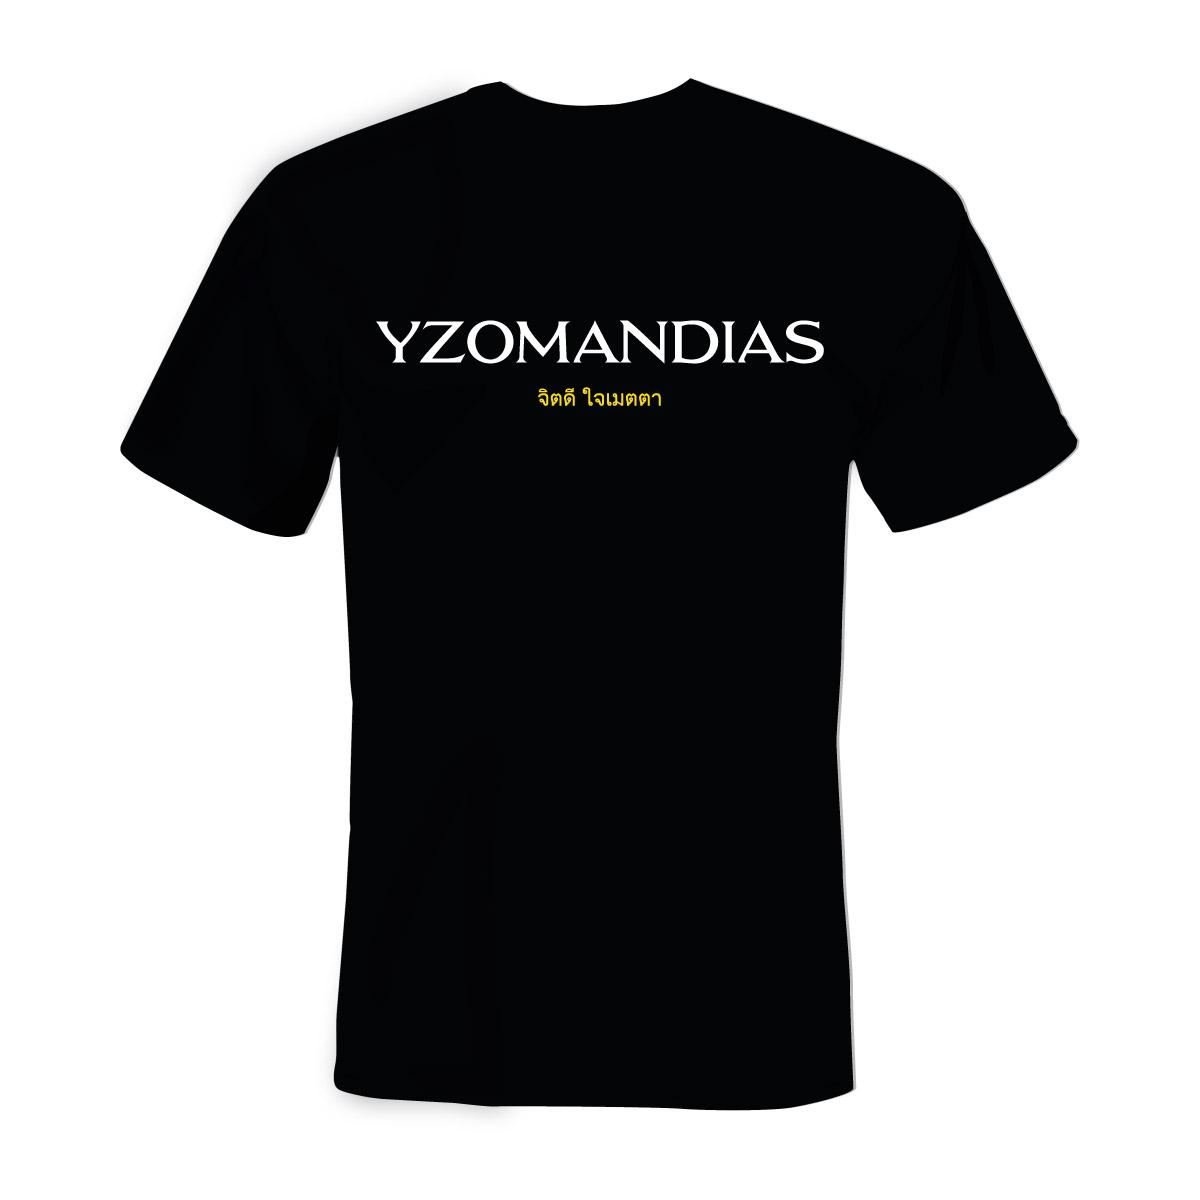 Yzomandias - Tričko Dobrá Duše Srdce ze Zlata - Muž, Čierna, L